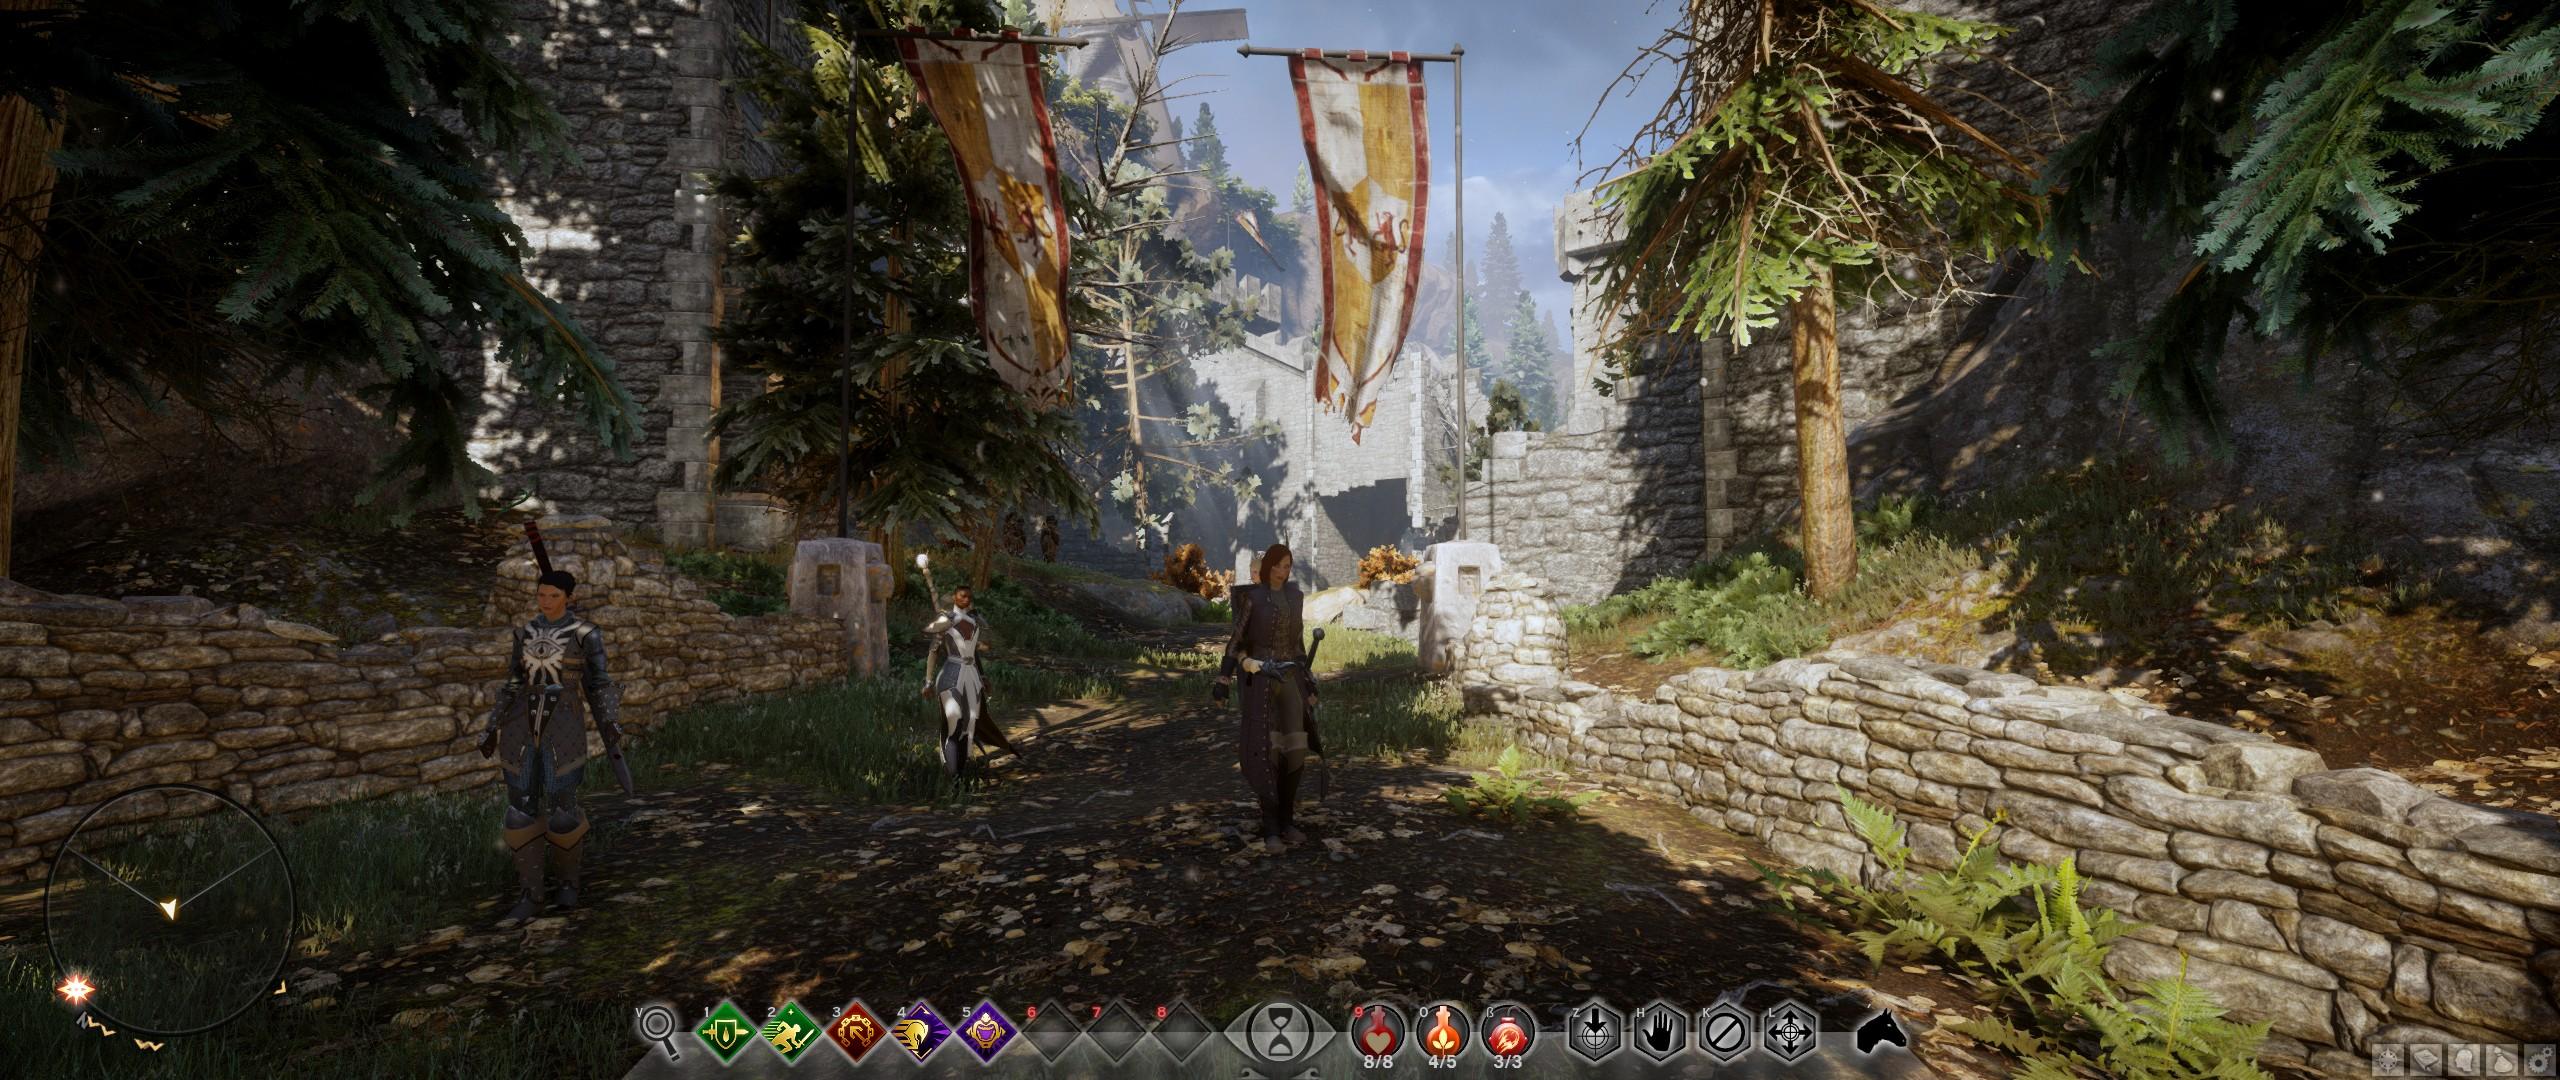 ScreenshotWin32_0016_Final